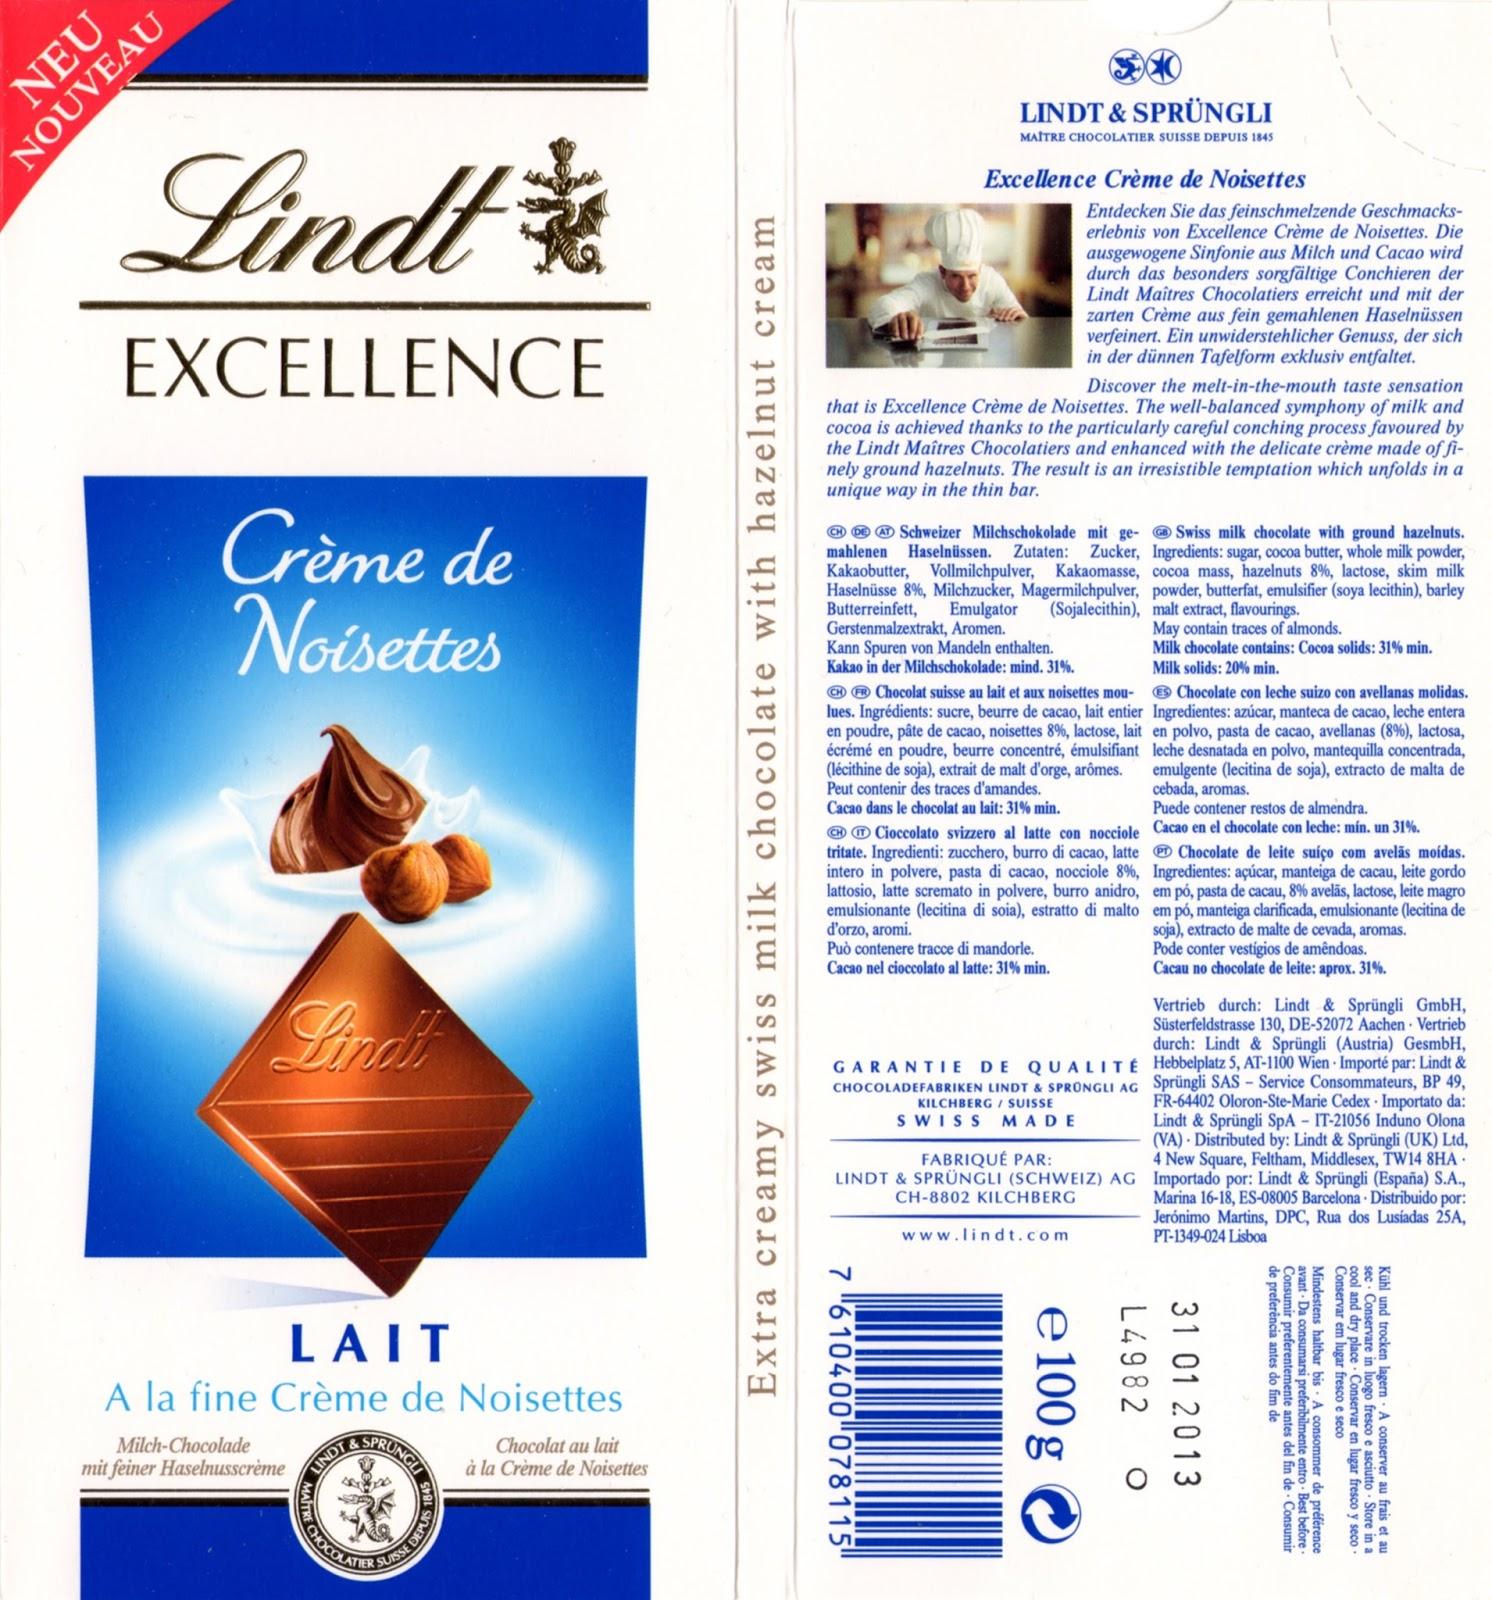 tablette de chocolat lait gourmand lindt excellence crème de noisettes